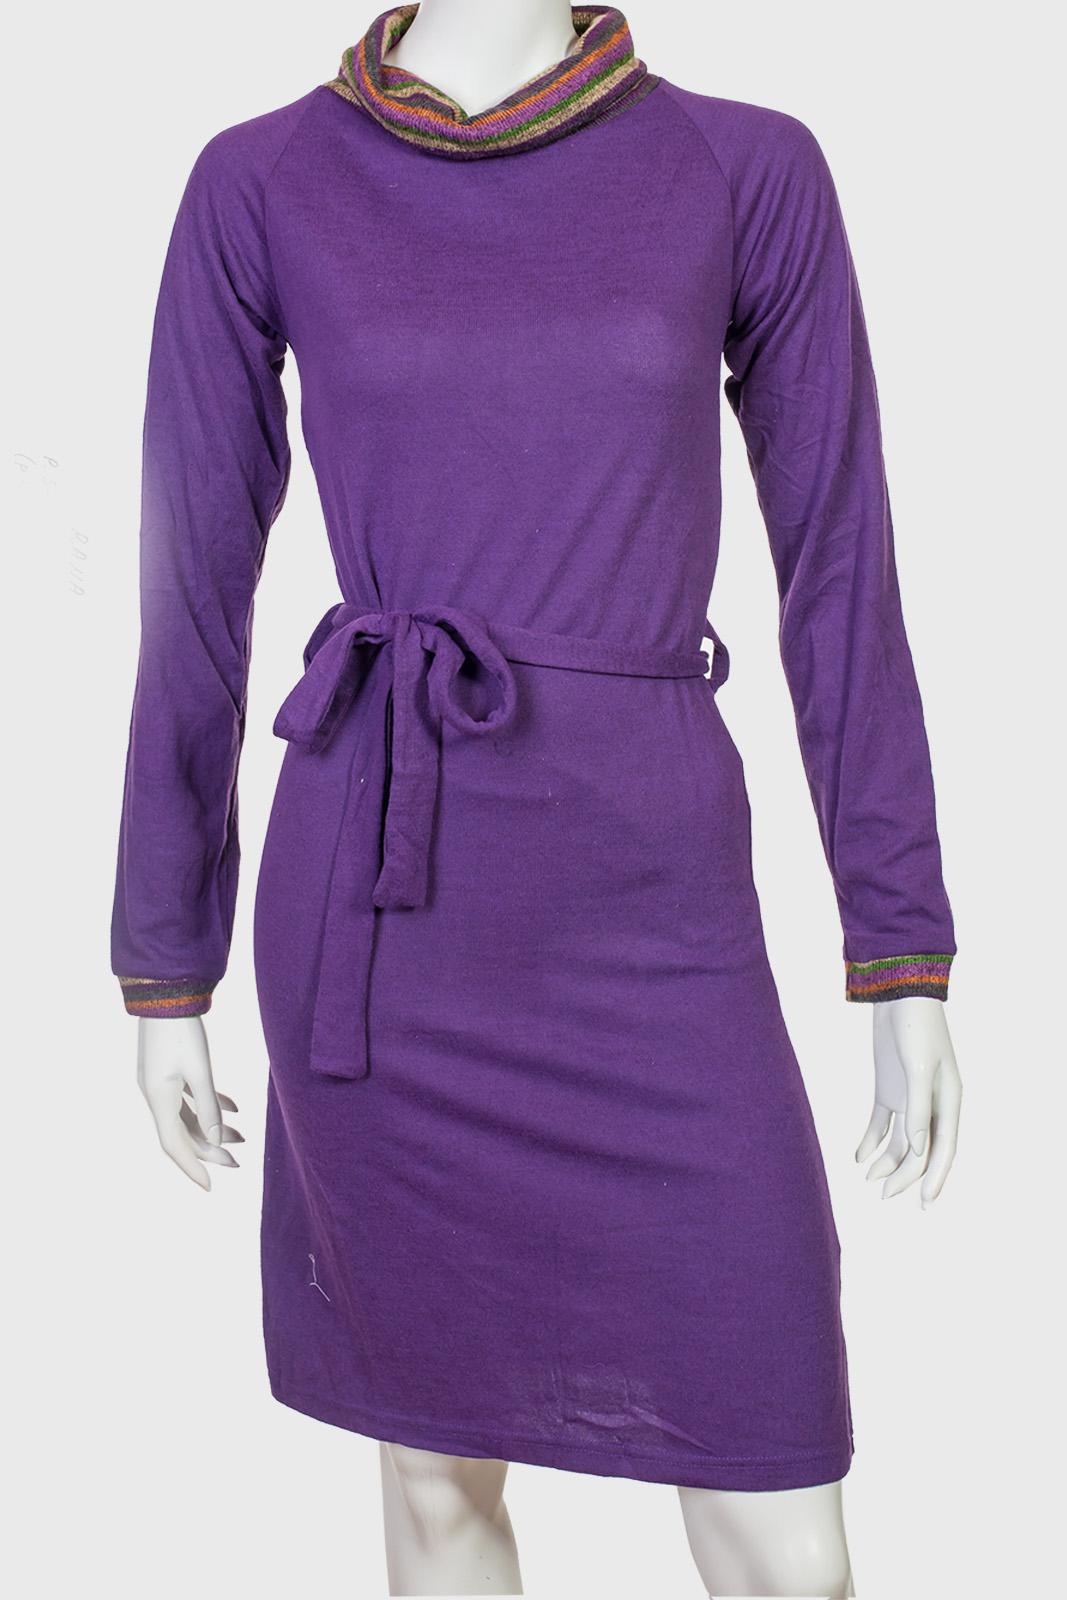 f9442afe644 Трендовое элегантное платье с воротом-хомутом от Rana